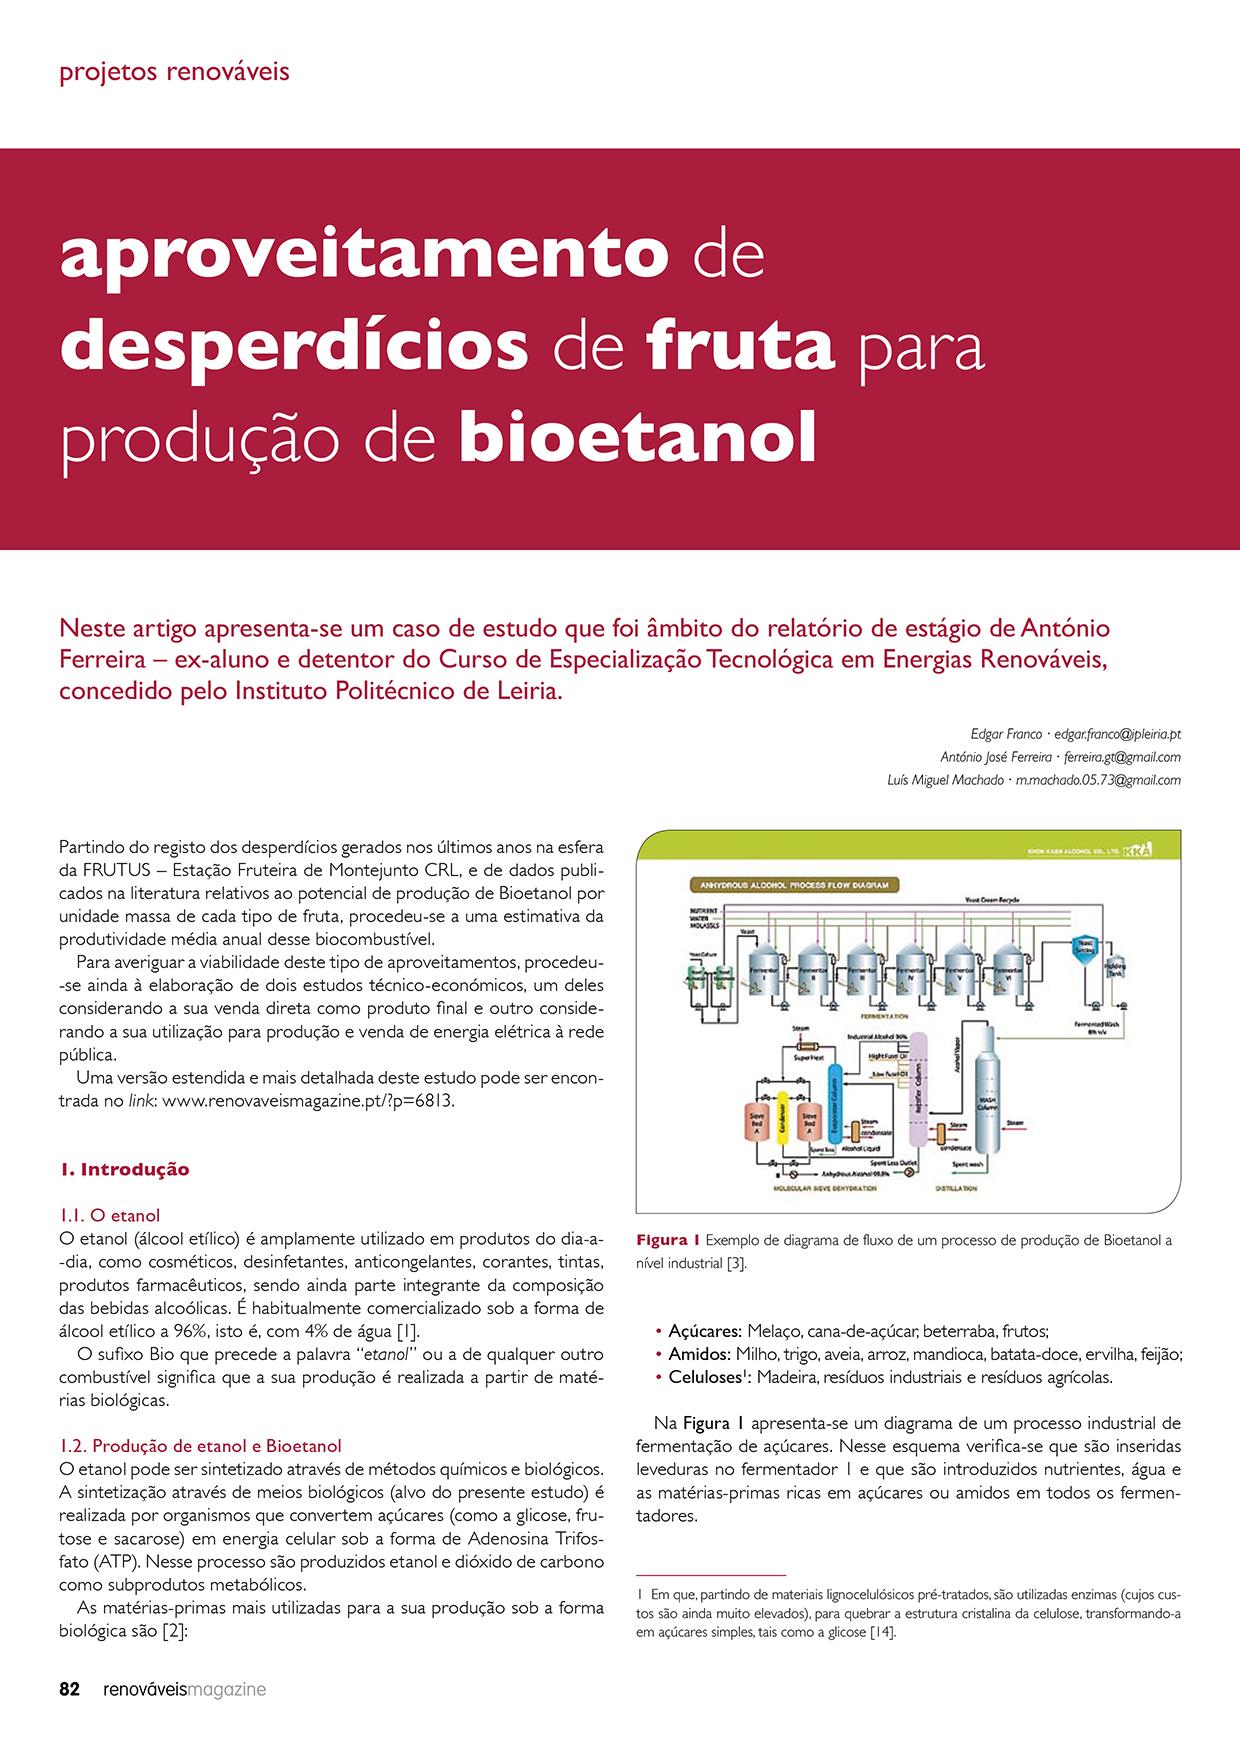 Artigo sobre Aproveitamento de desperdícios de fruta para produção de bioetanol